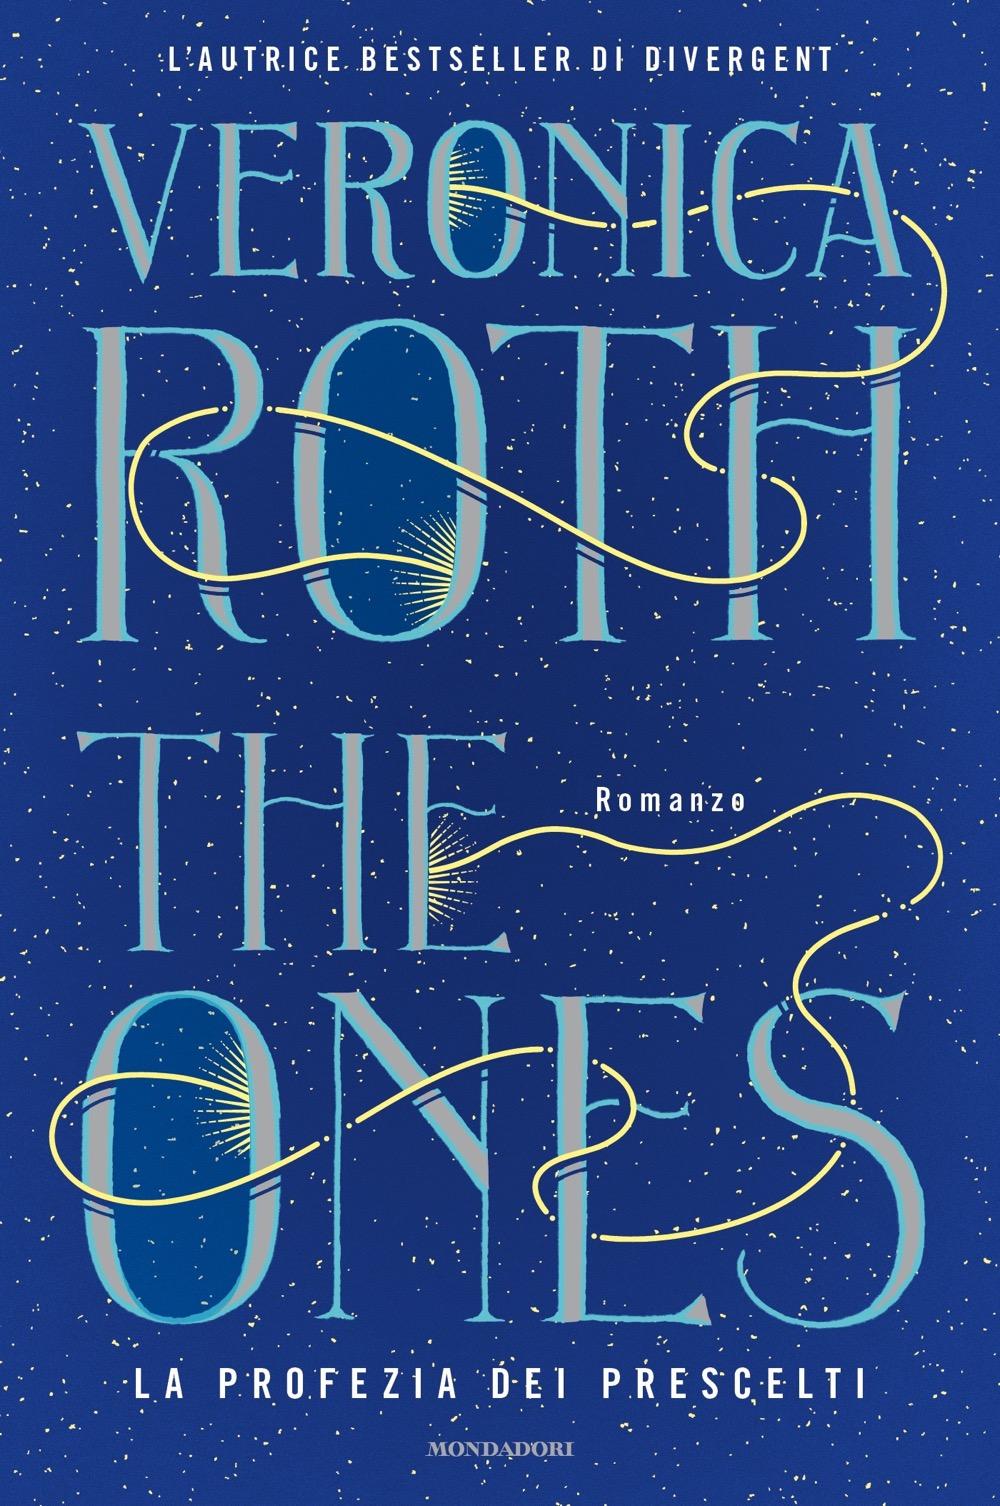 THE ONES - La profezia dei prescelti - Veronica Roth | Libri Mondadori